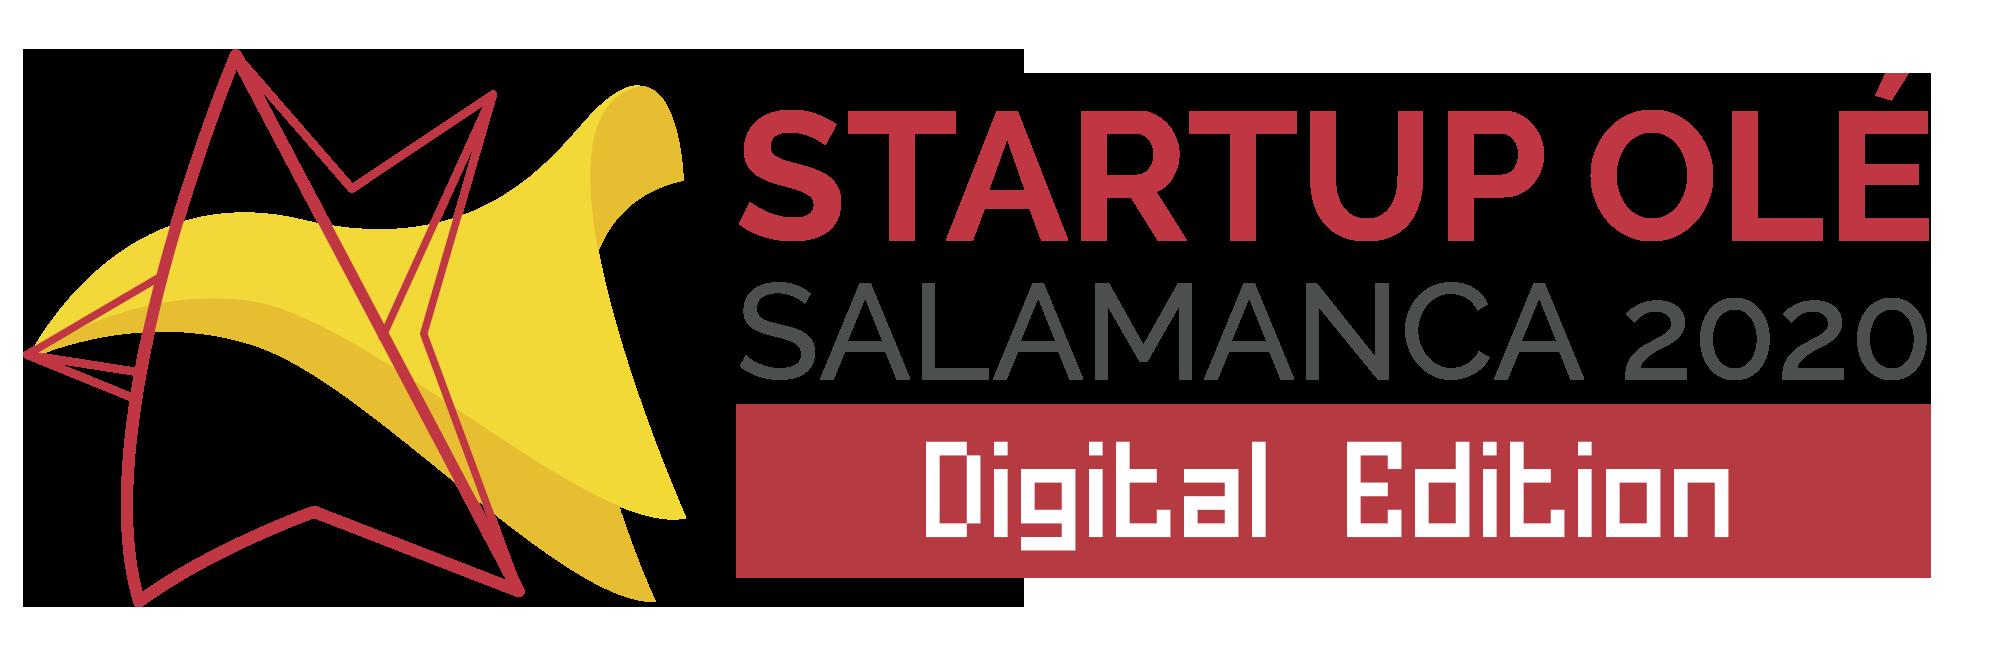 startupole-participacion-alcobendas-movilidad-sostenible